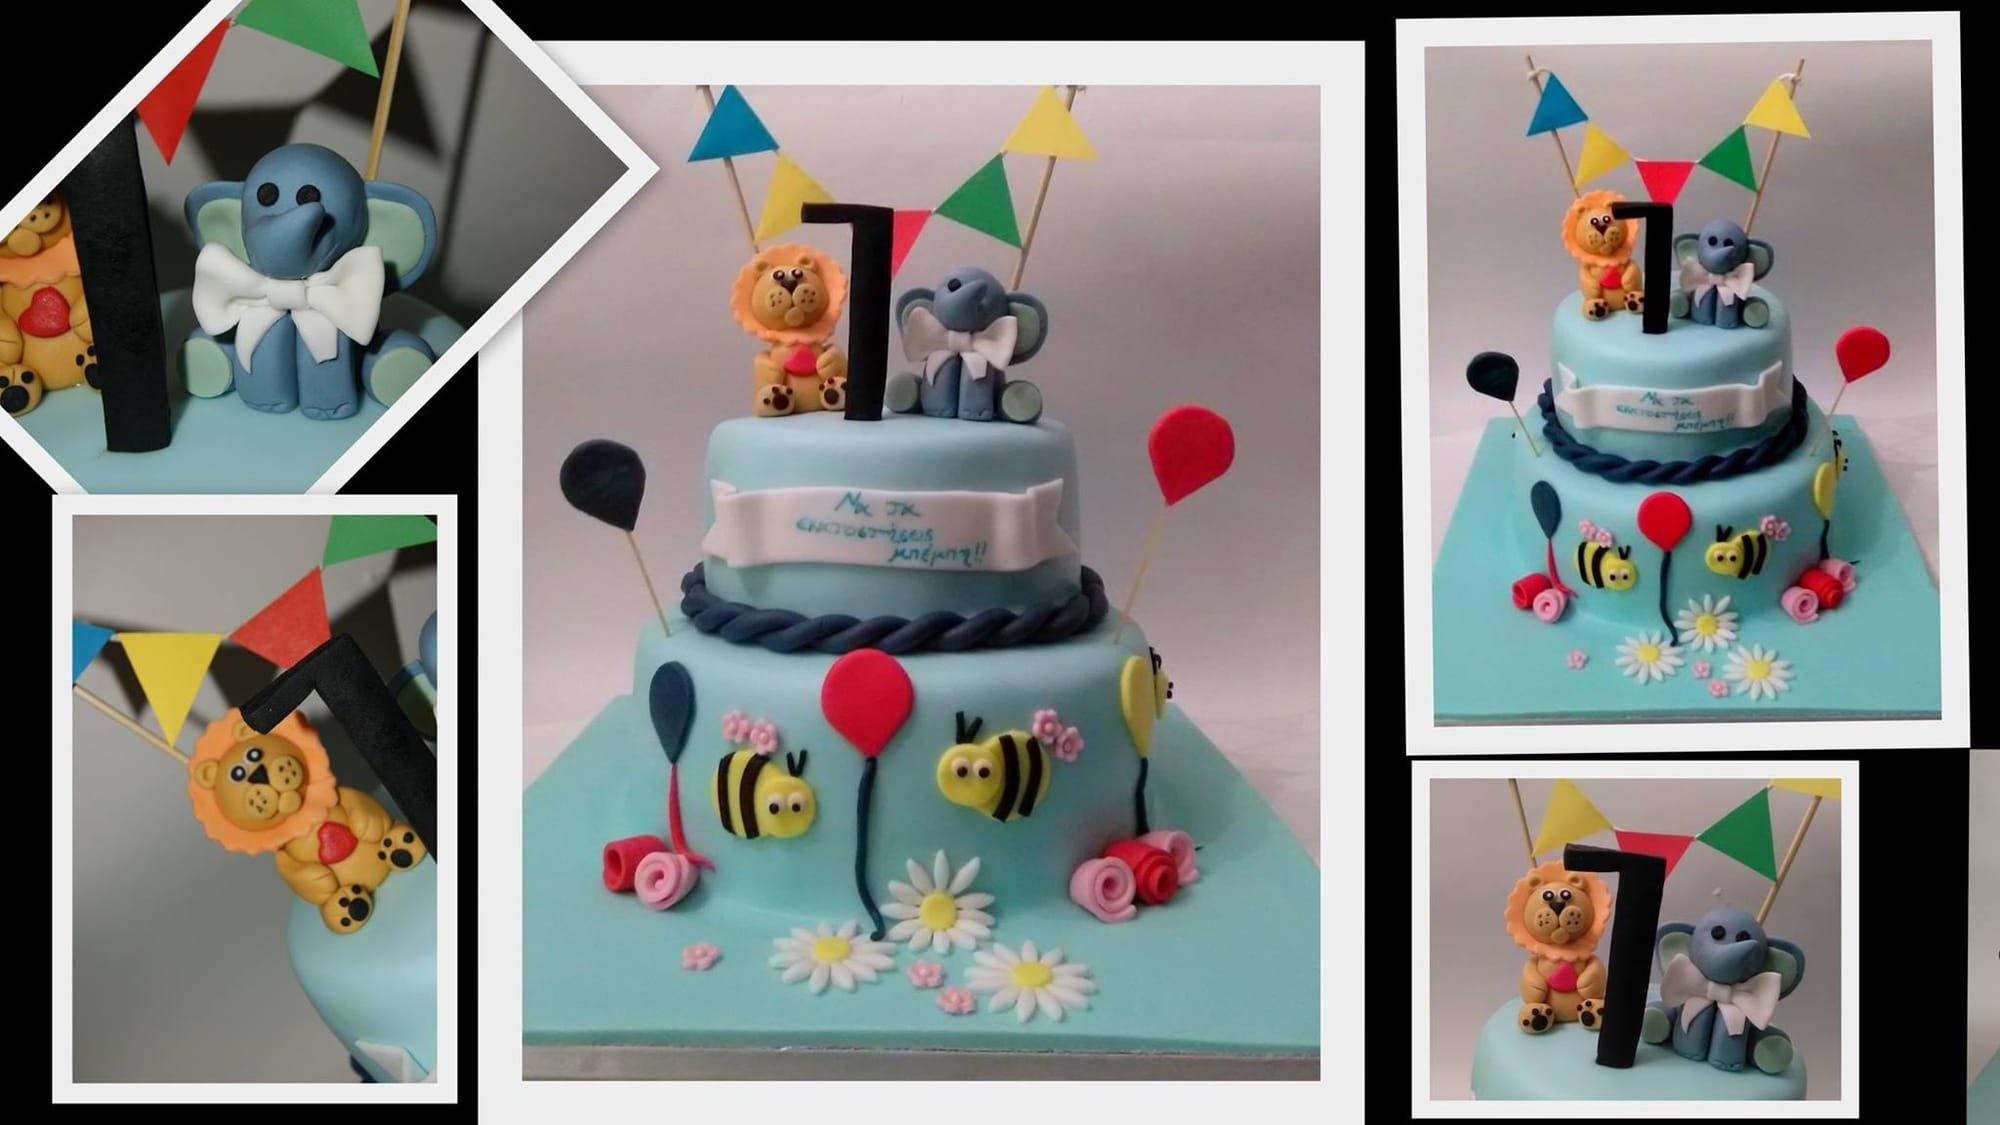 τούρτα 2όροφη γελεθλιων απο ζαχαρόπαστα ελεφαντας baby lion & baby elephant ζαχαροπλαστείο καλαμάτα madame charlotte, birthday cakes kalamata